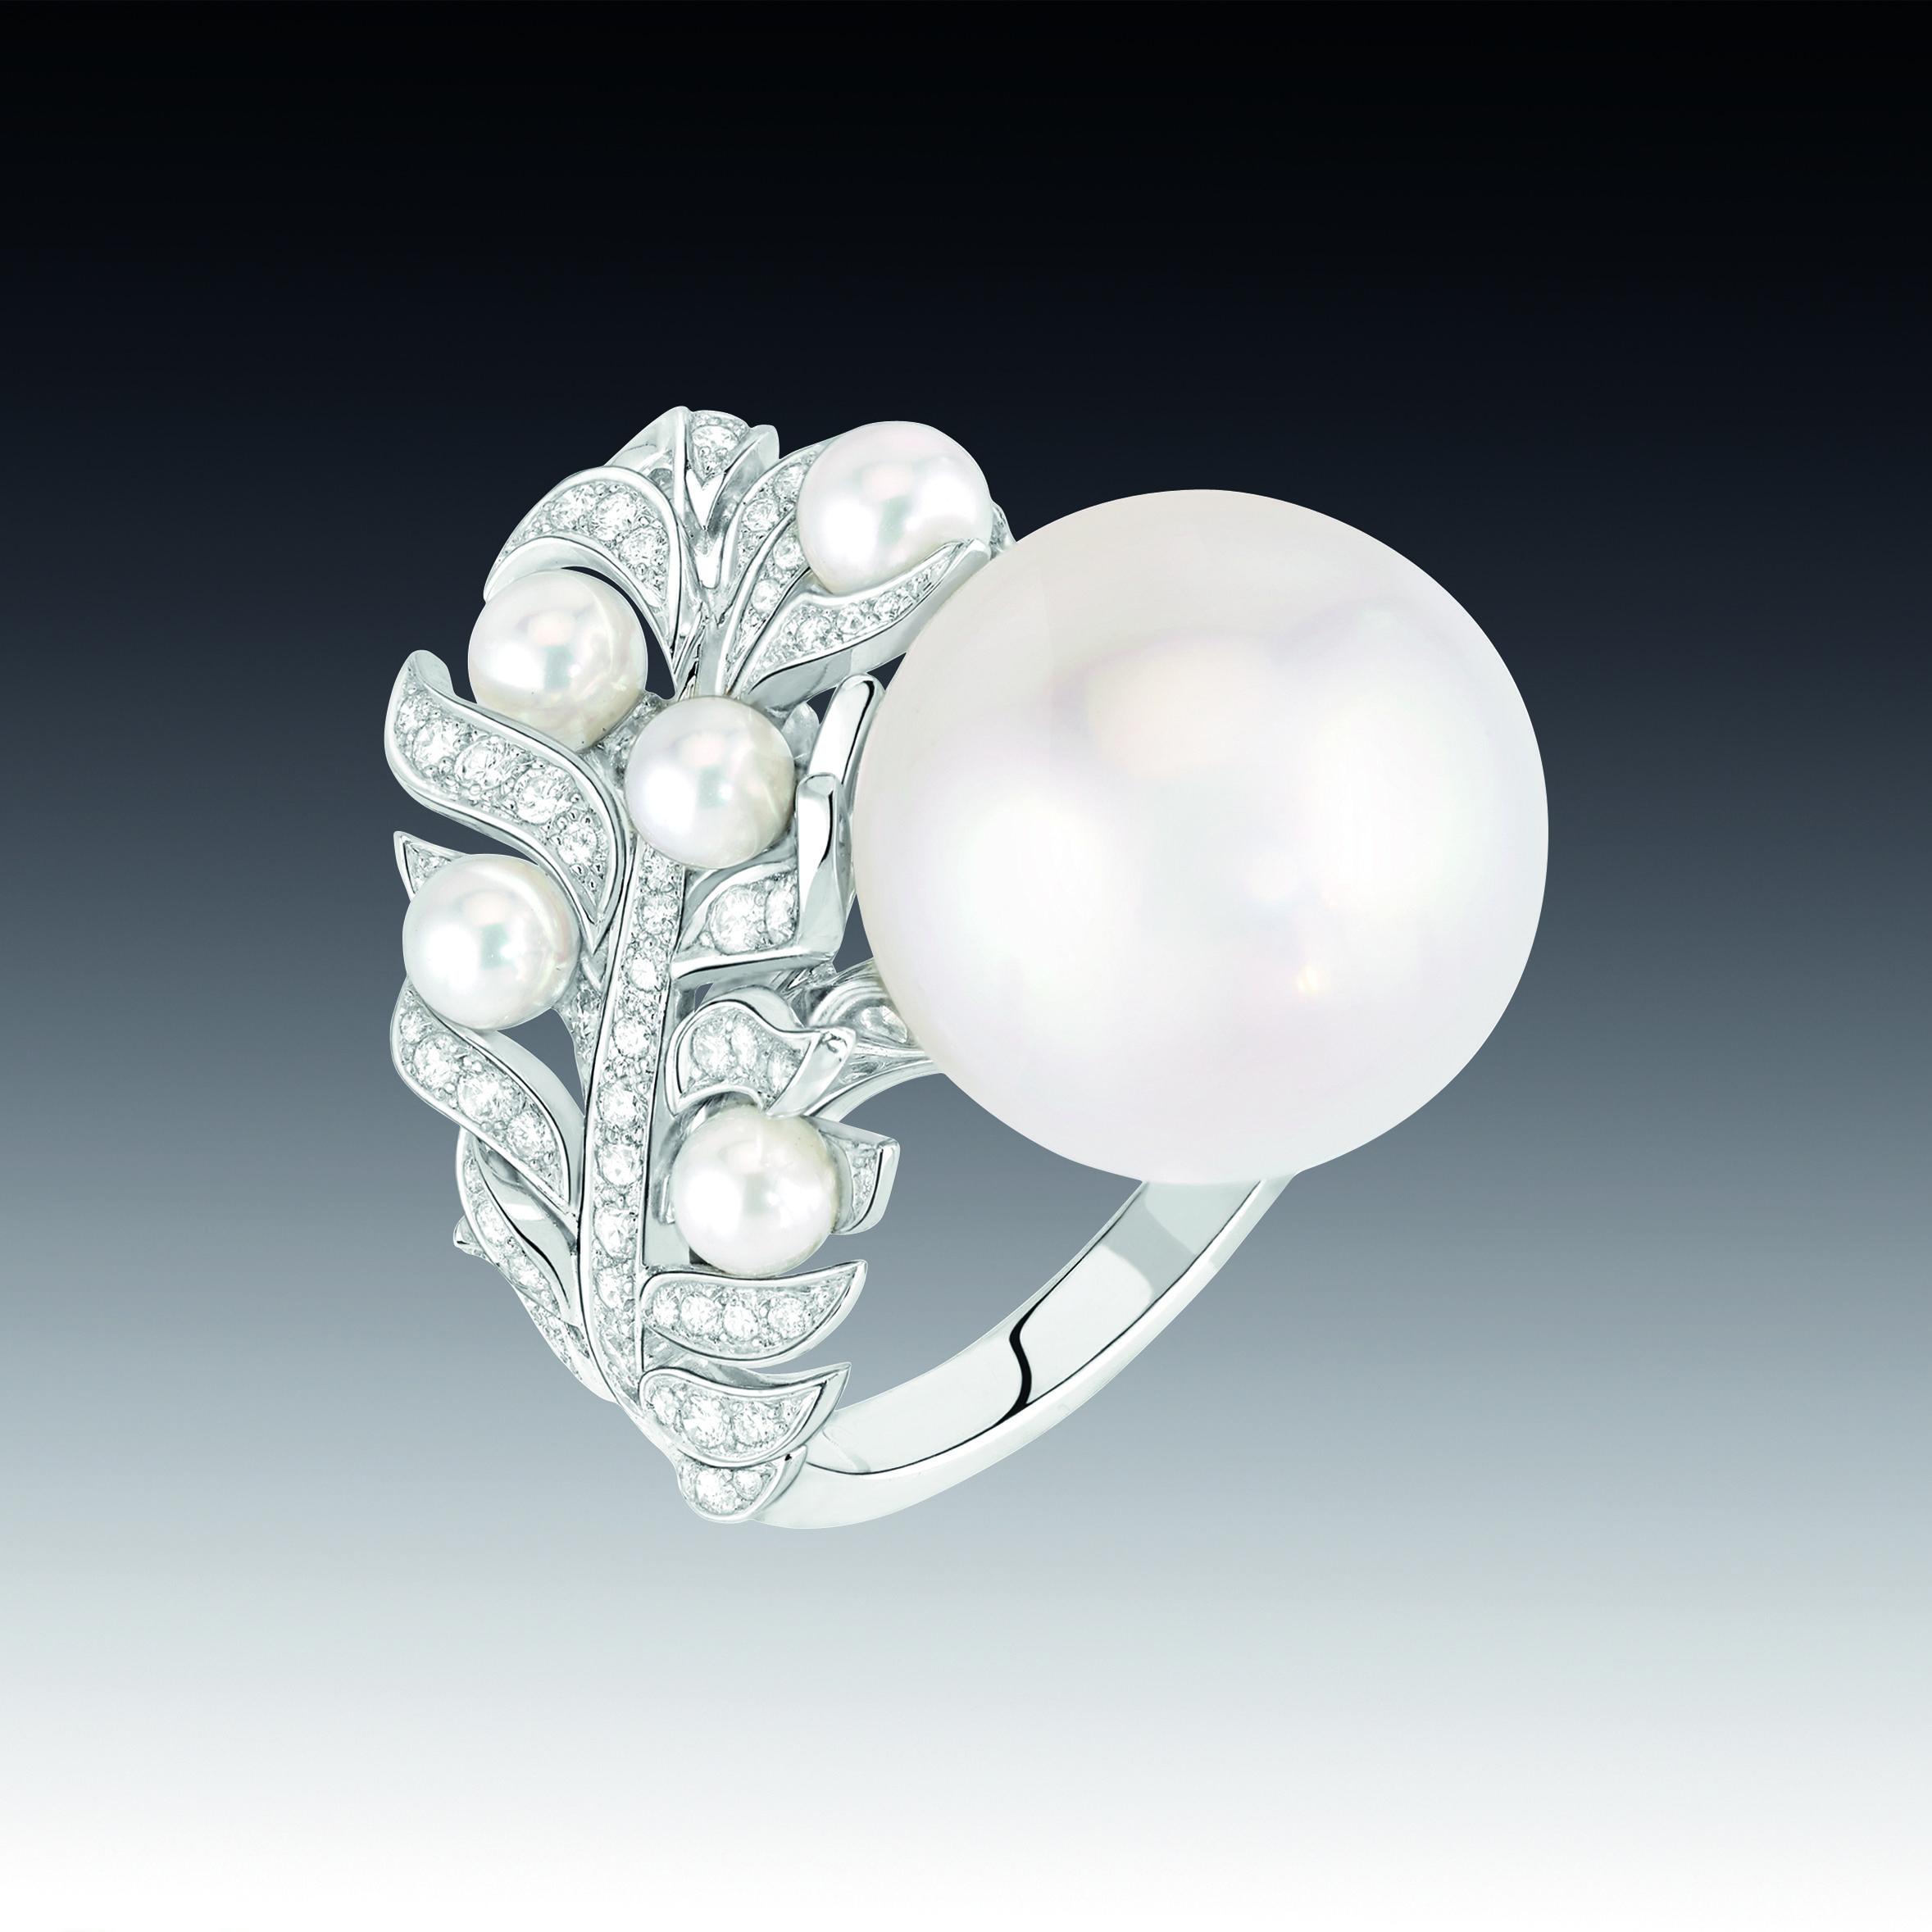 bague plume perle haute joaillerie la valse des perles de chanel joaillerie pinterest la. Black Bedroom Furniture Sets. Home Design Ideas